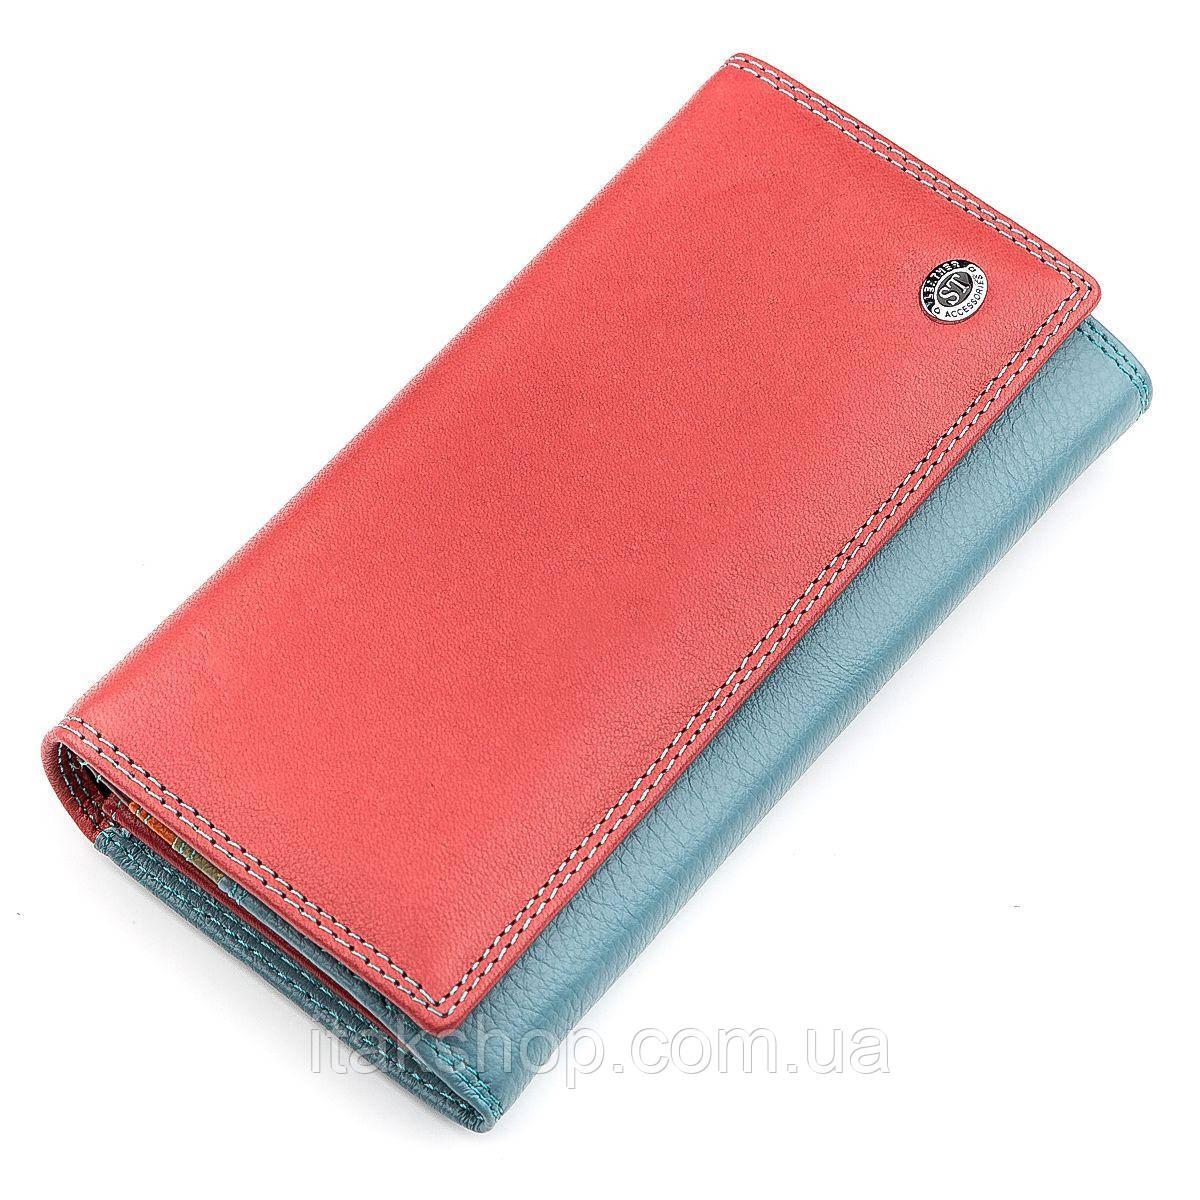 Кошелек женский ST Leather 18361 (SB634) летний Розовый, Розовый